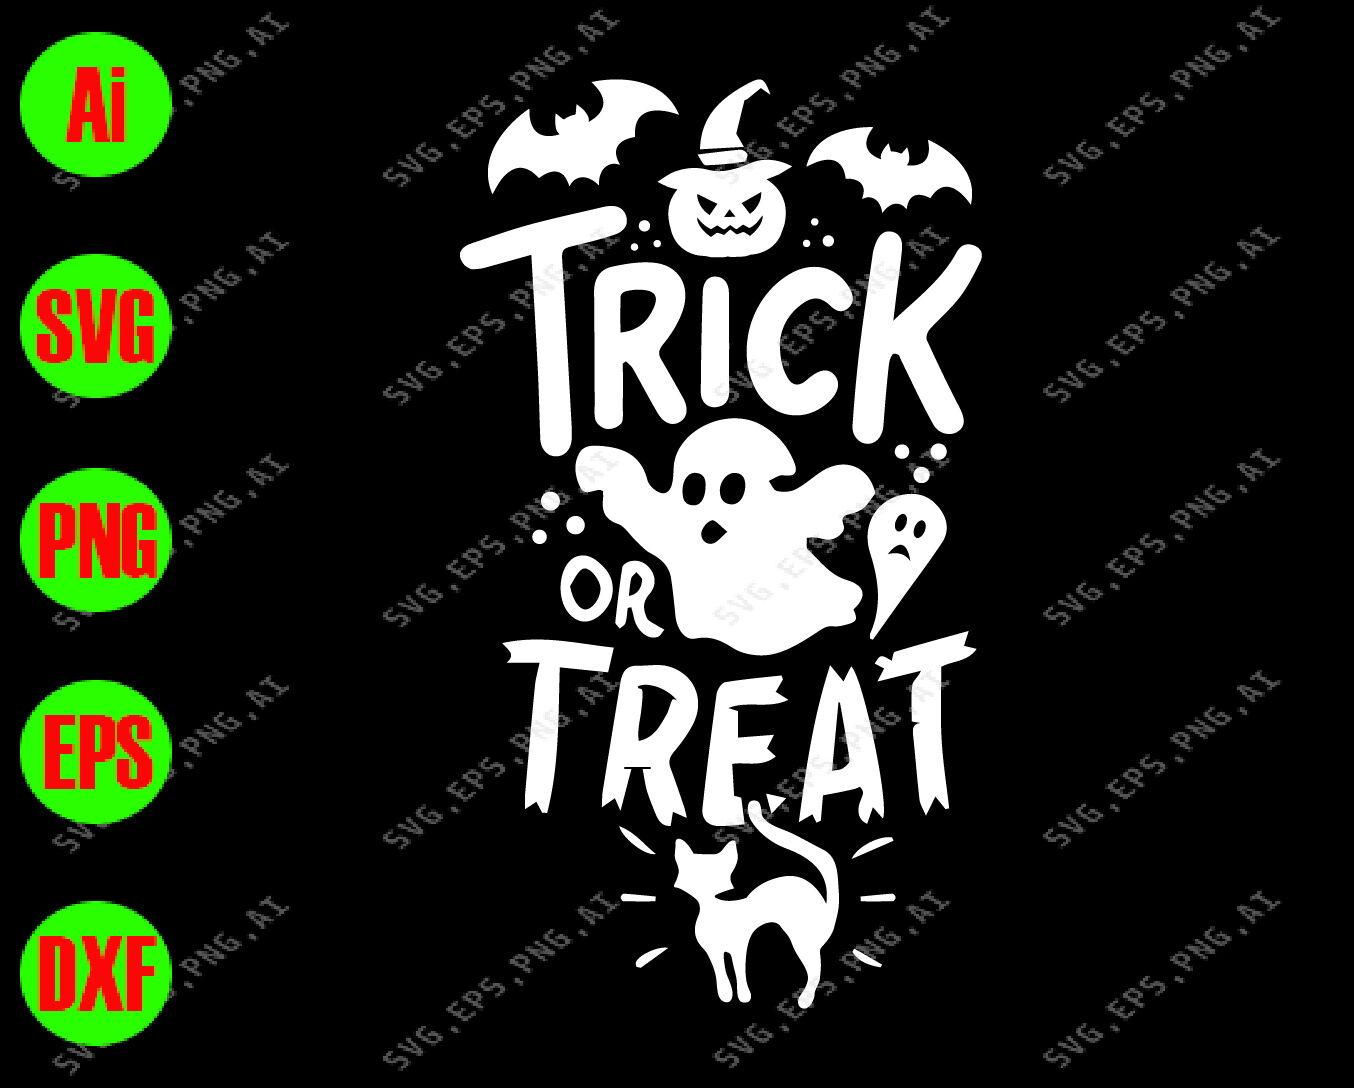 Trick Or Treat Svg Dxf Eps Png Digital Download By Svgkiak